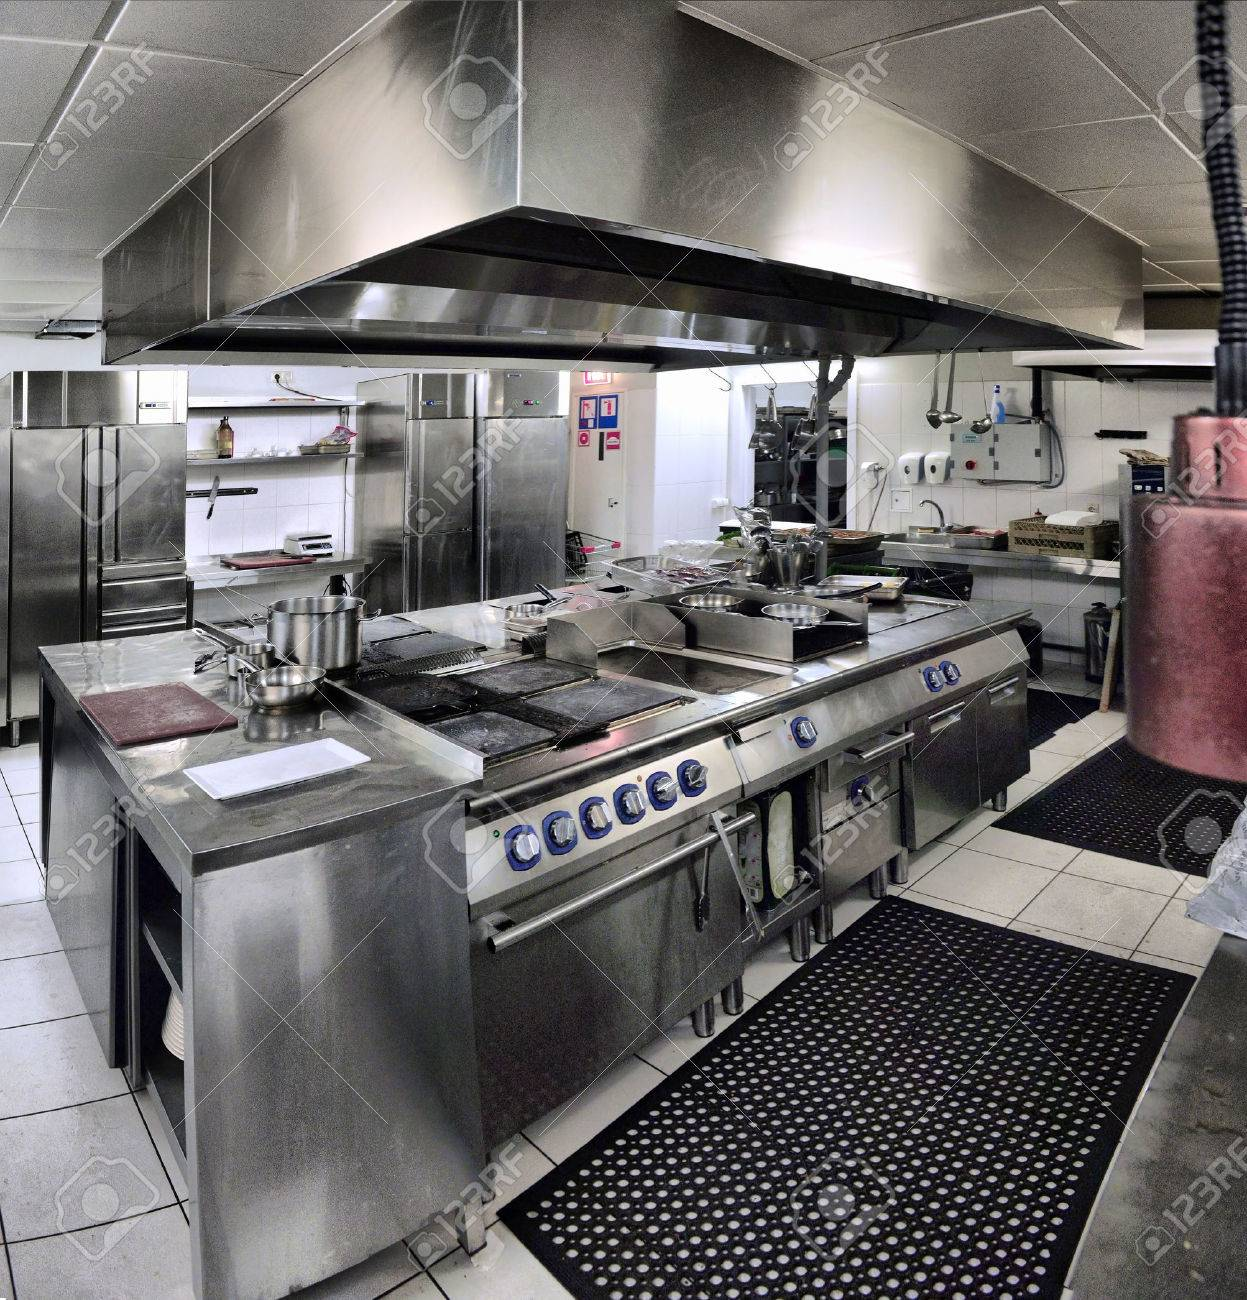 Typische Innere der Küche in einem Restaurant